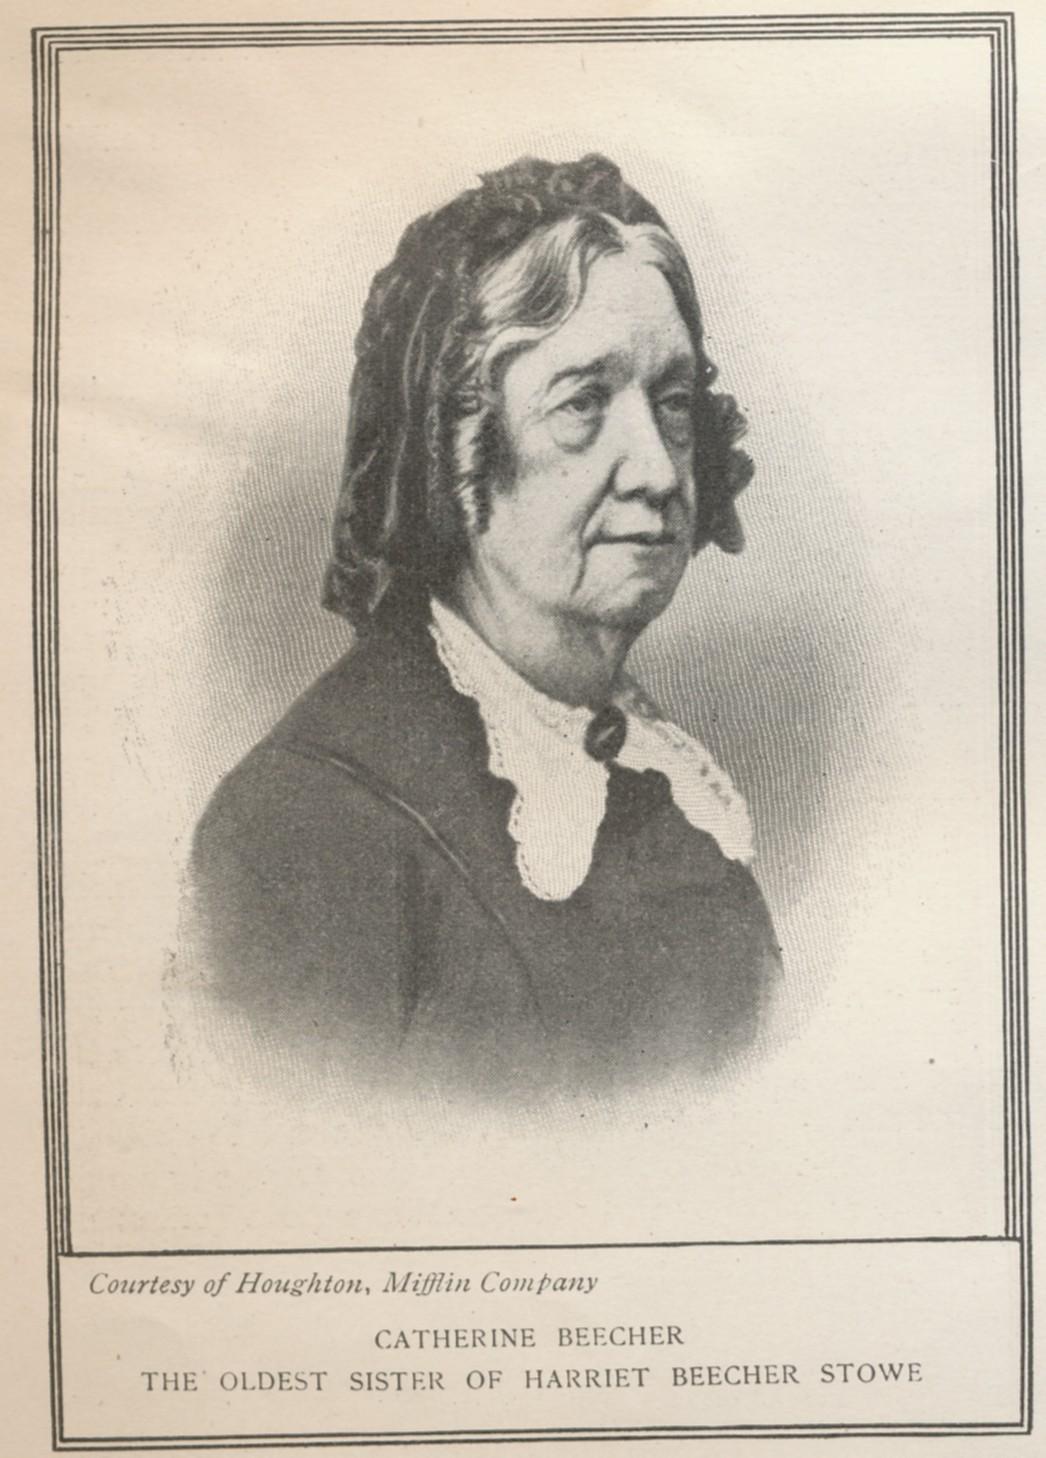 Catharine Esther Beecher